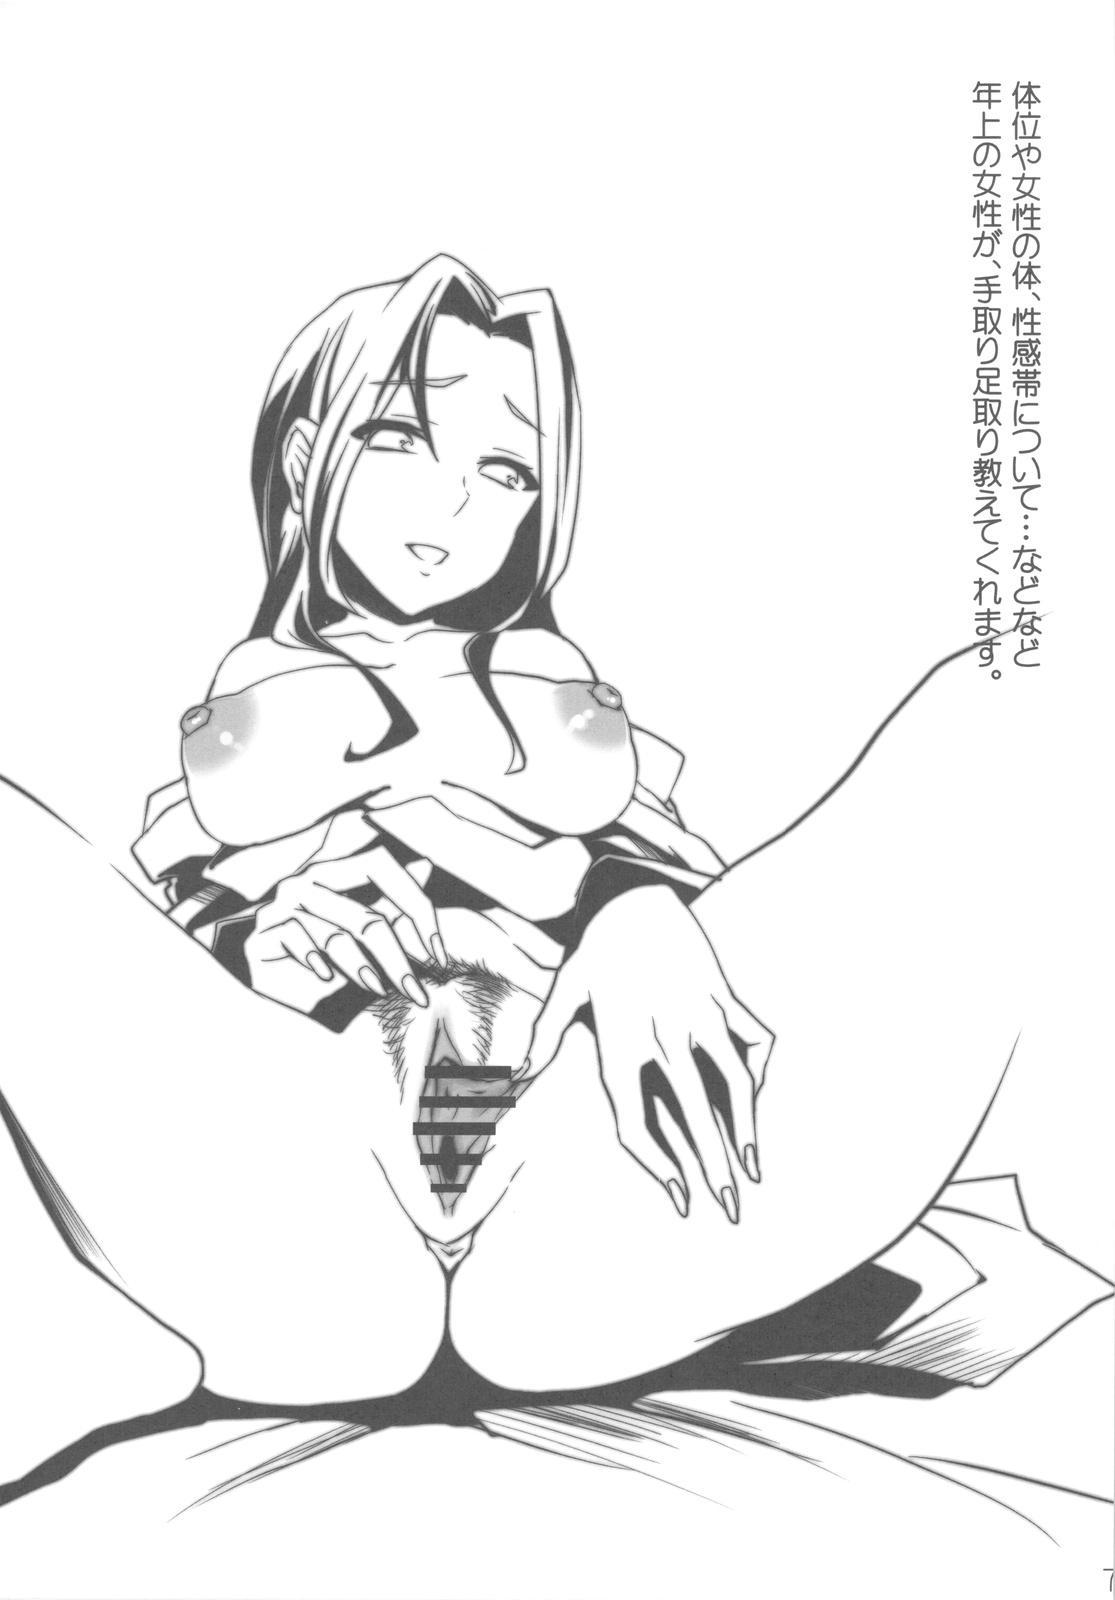 Jougasaki Shimai no Zenryoku Love Attack + Omake bon 22